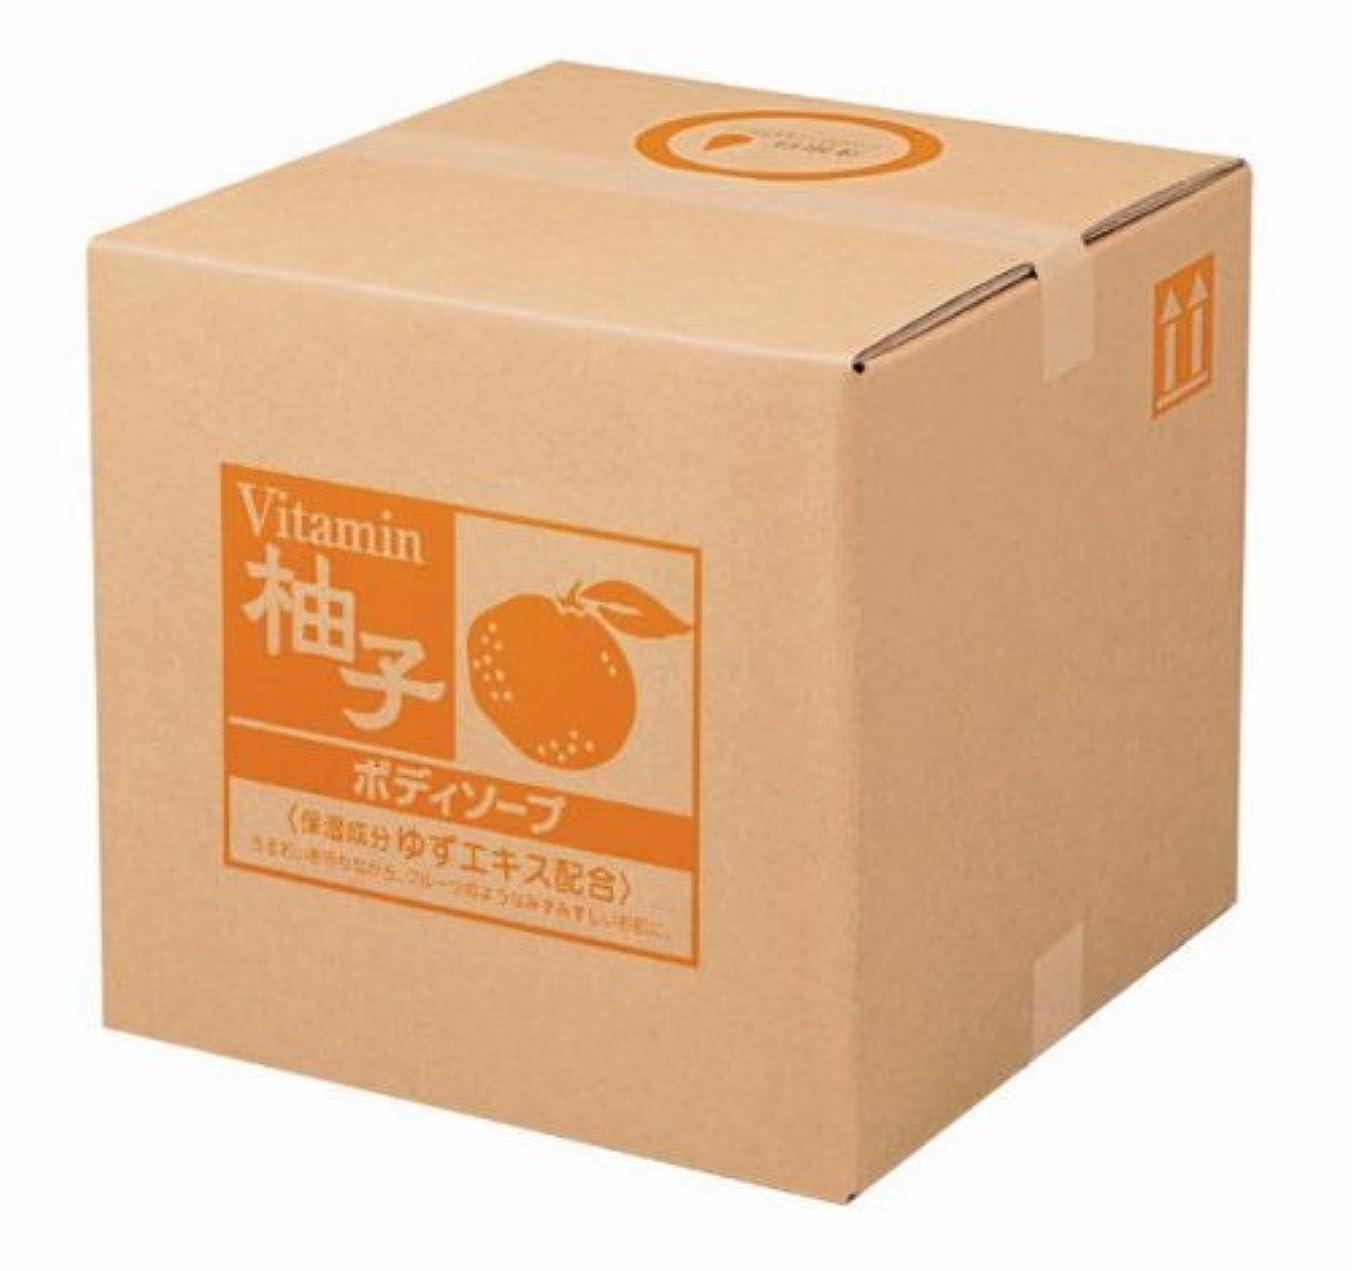 ターゲットかろうじて解任熊野油脂 業務用 柚子 ボディソープ 18L